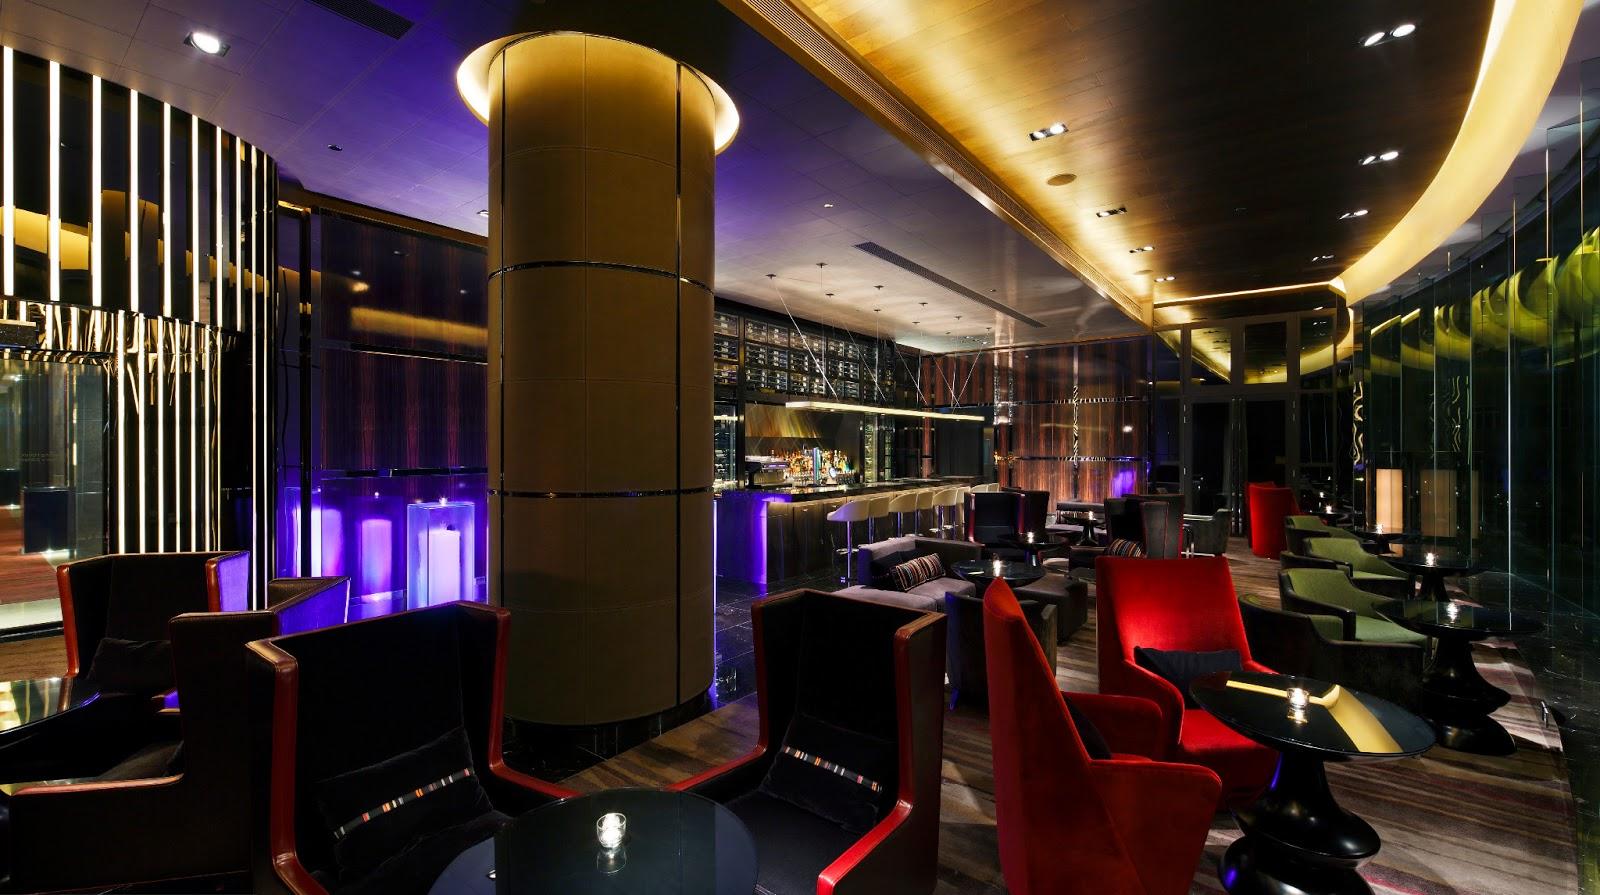 LION ROCK Cocktail Bar Royal Plaza Hotel Mong Kok Hong Kong ...